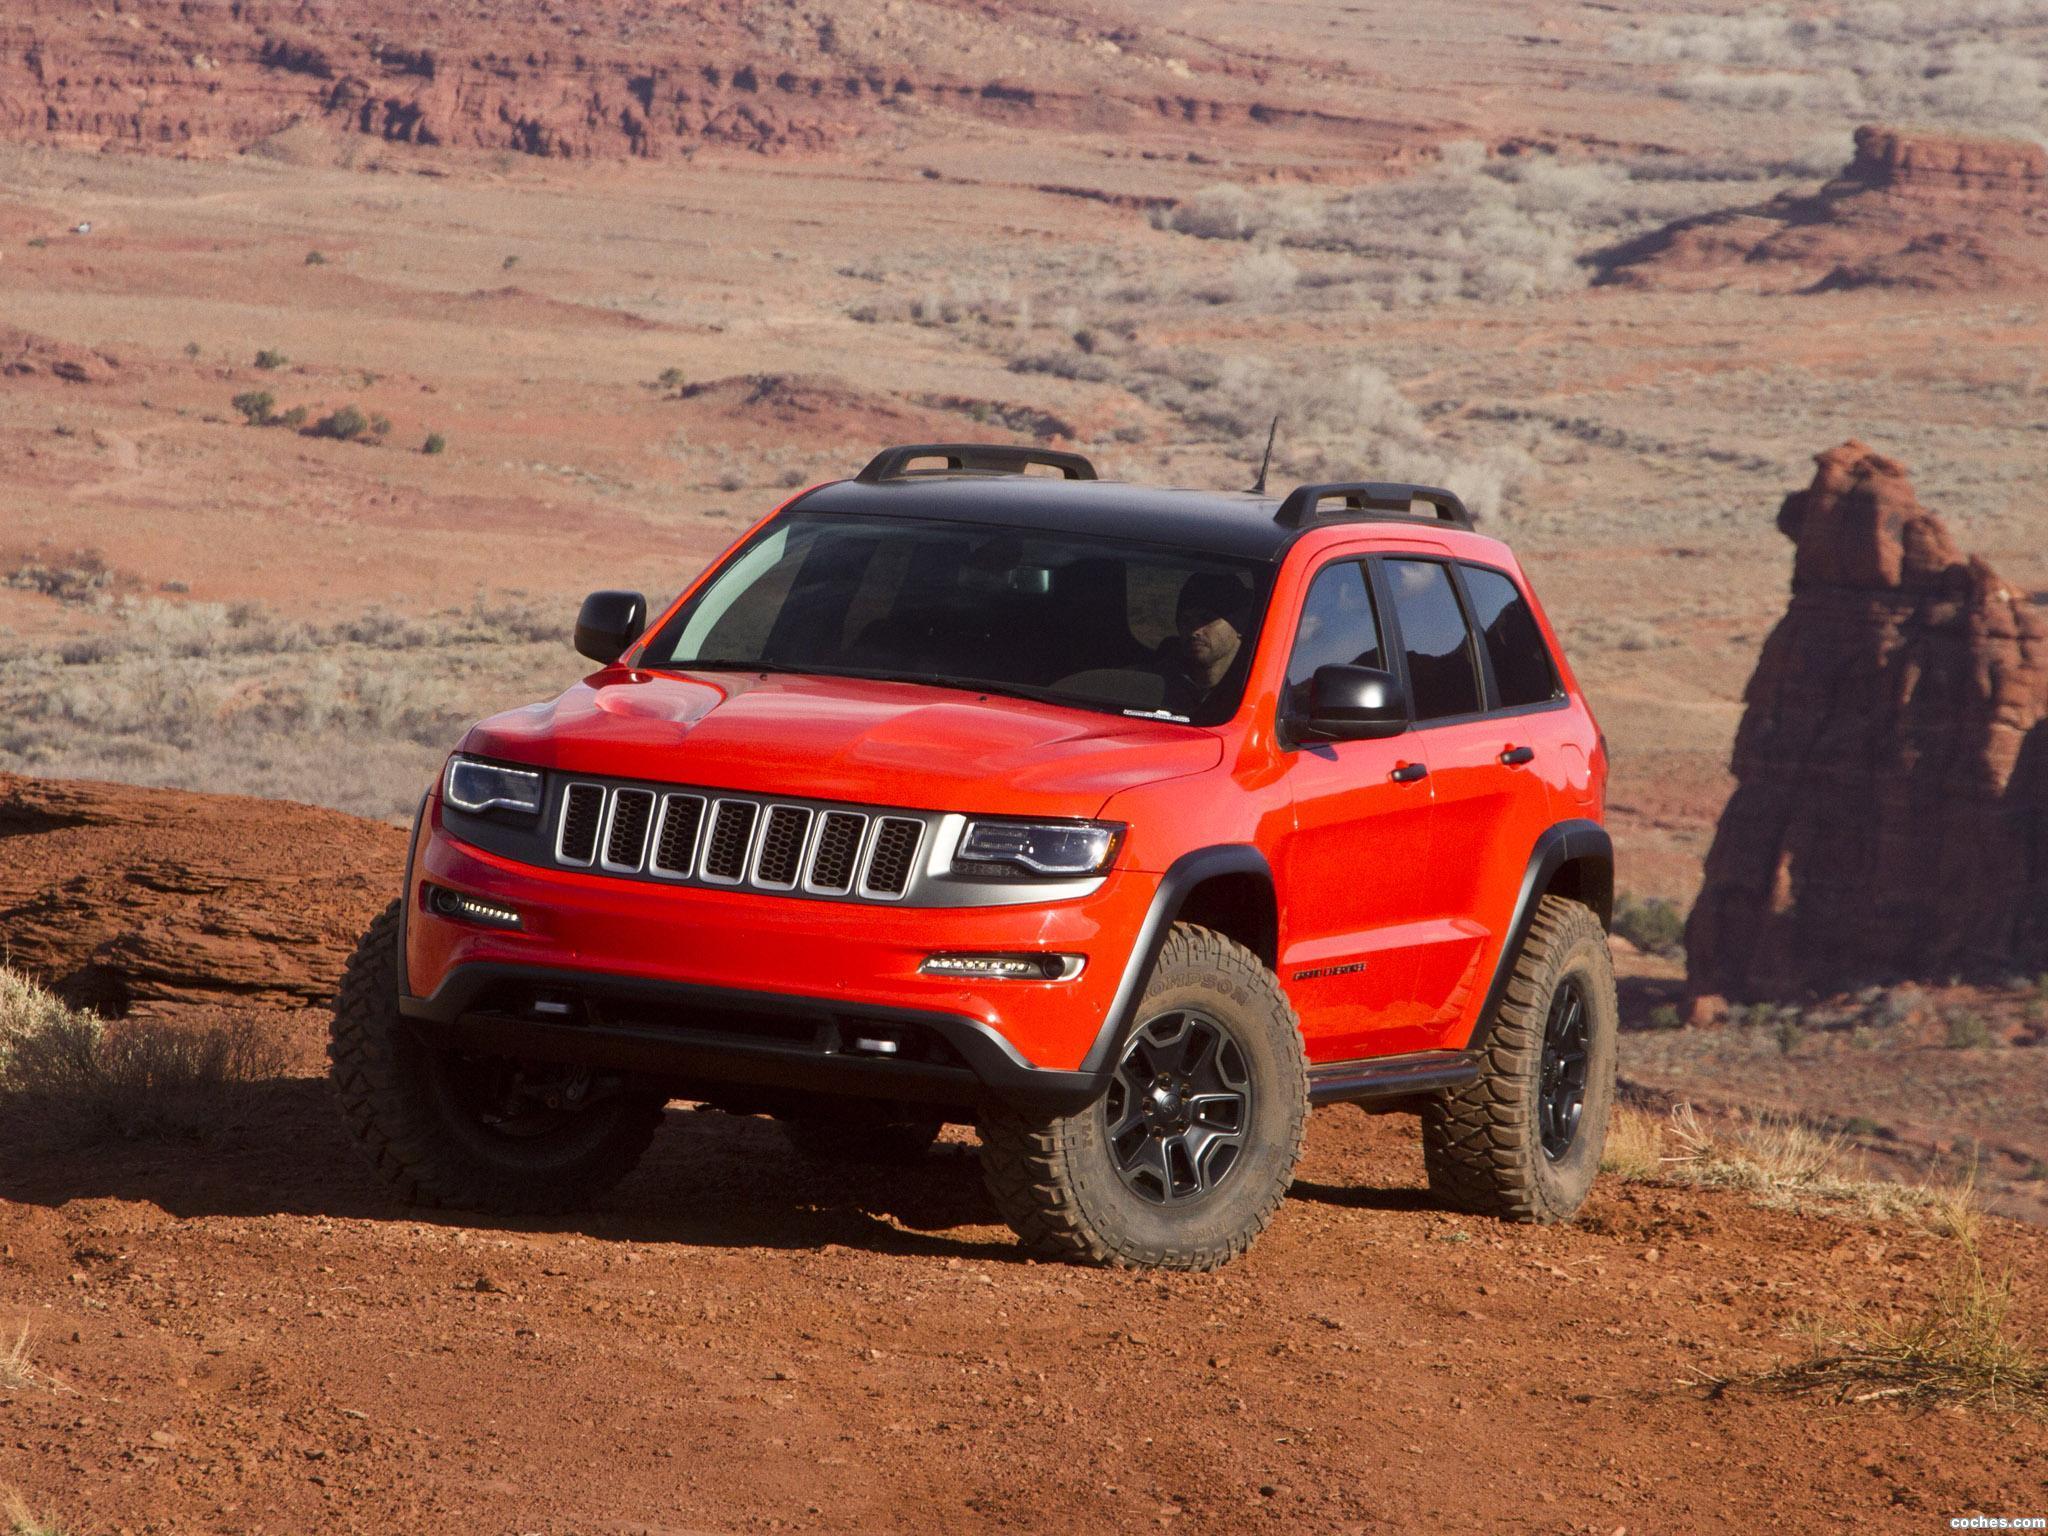 Foto 0 de Jeep Grand Cherokee Trailhawk II Concept 2013